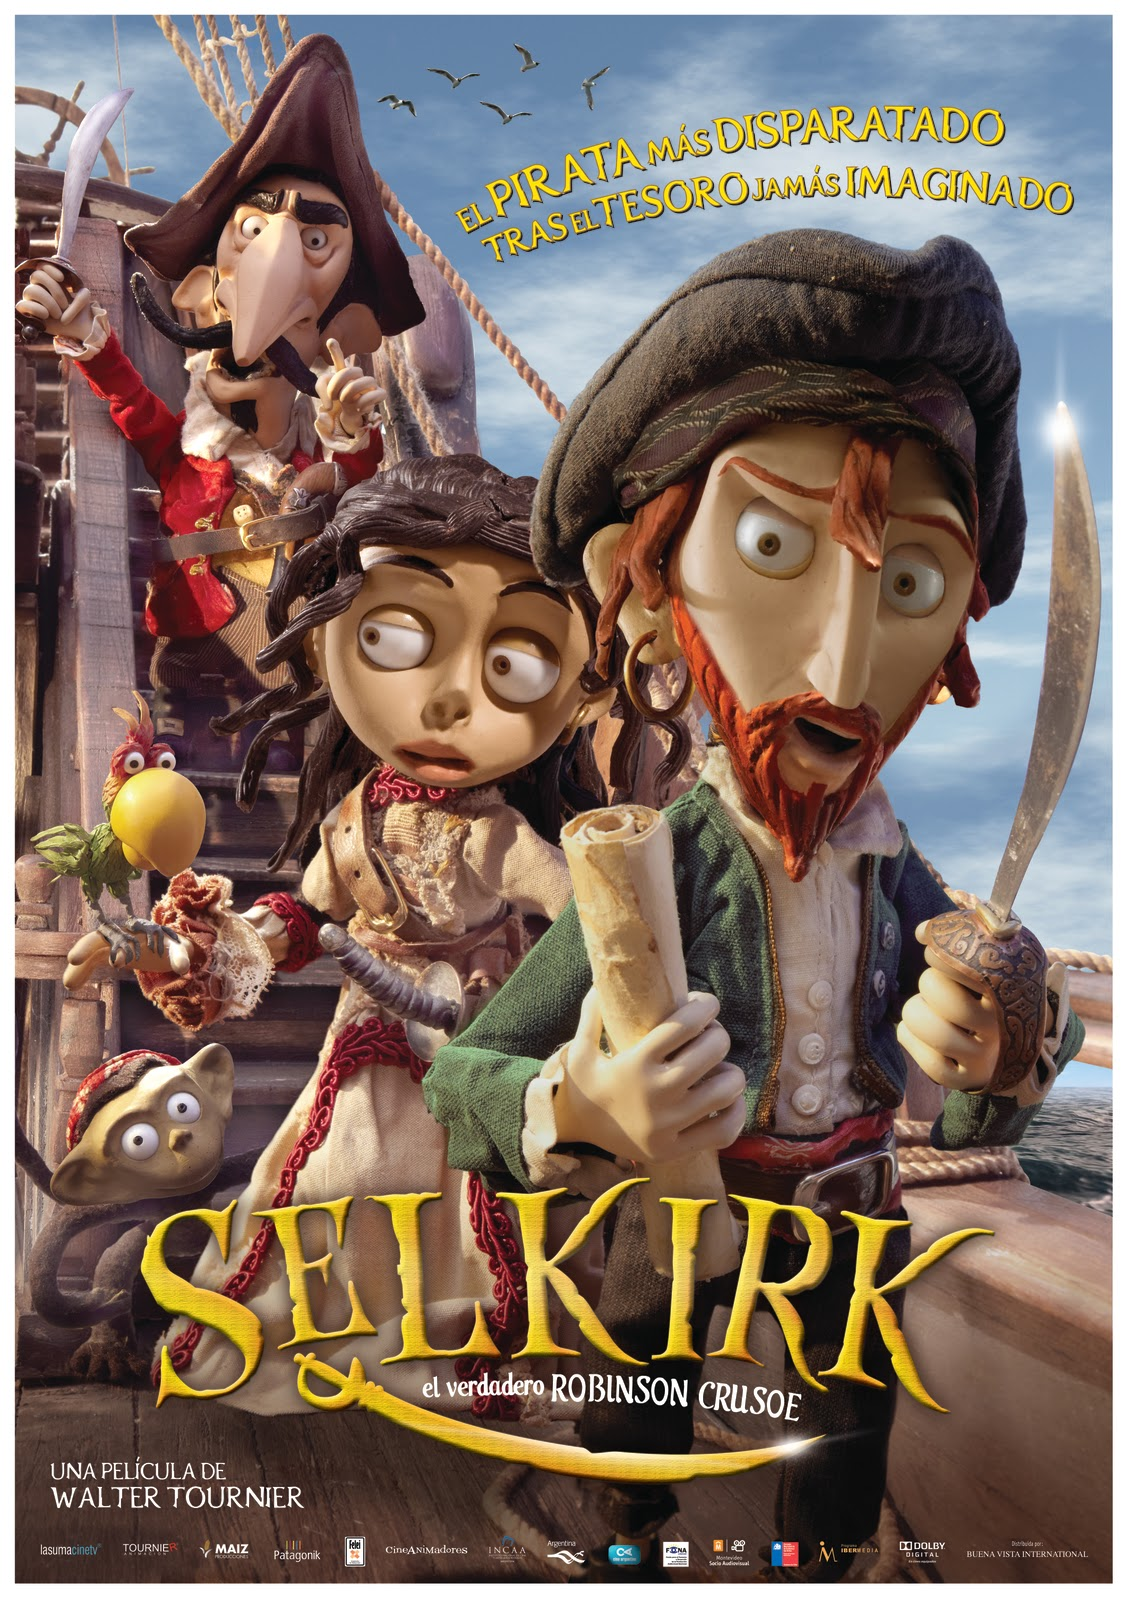 Selkirk: El verdadero Robinson Crusoe